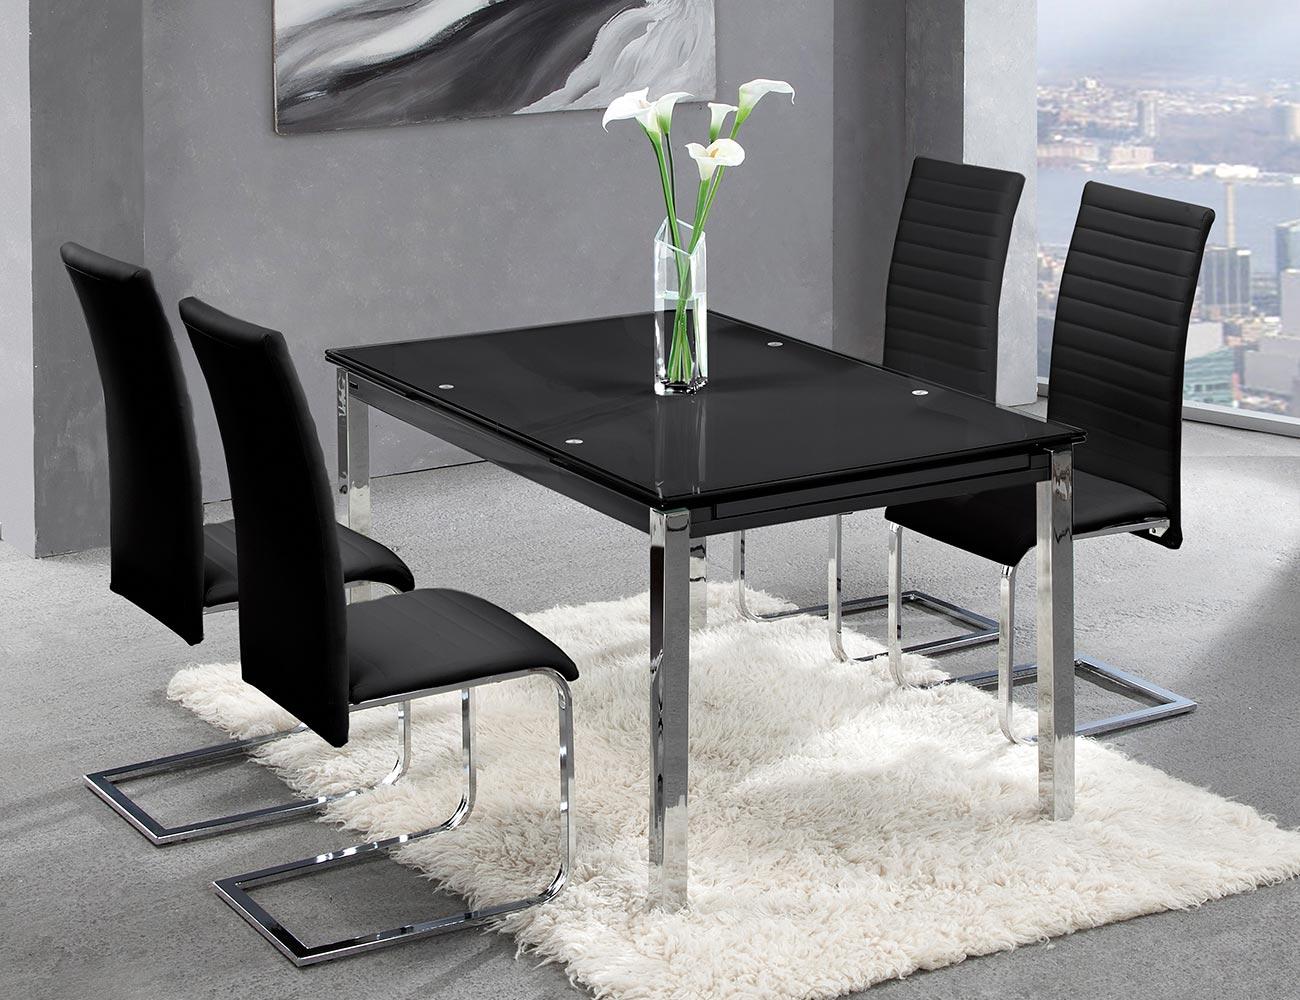 Mesa comedor extensible cristal templado negro 207